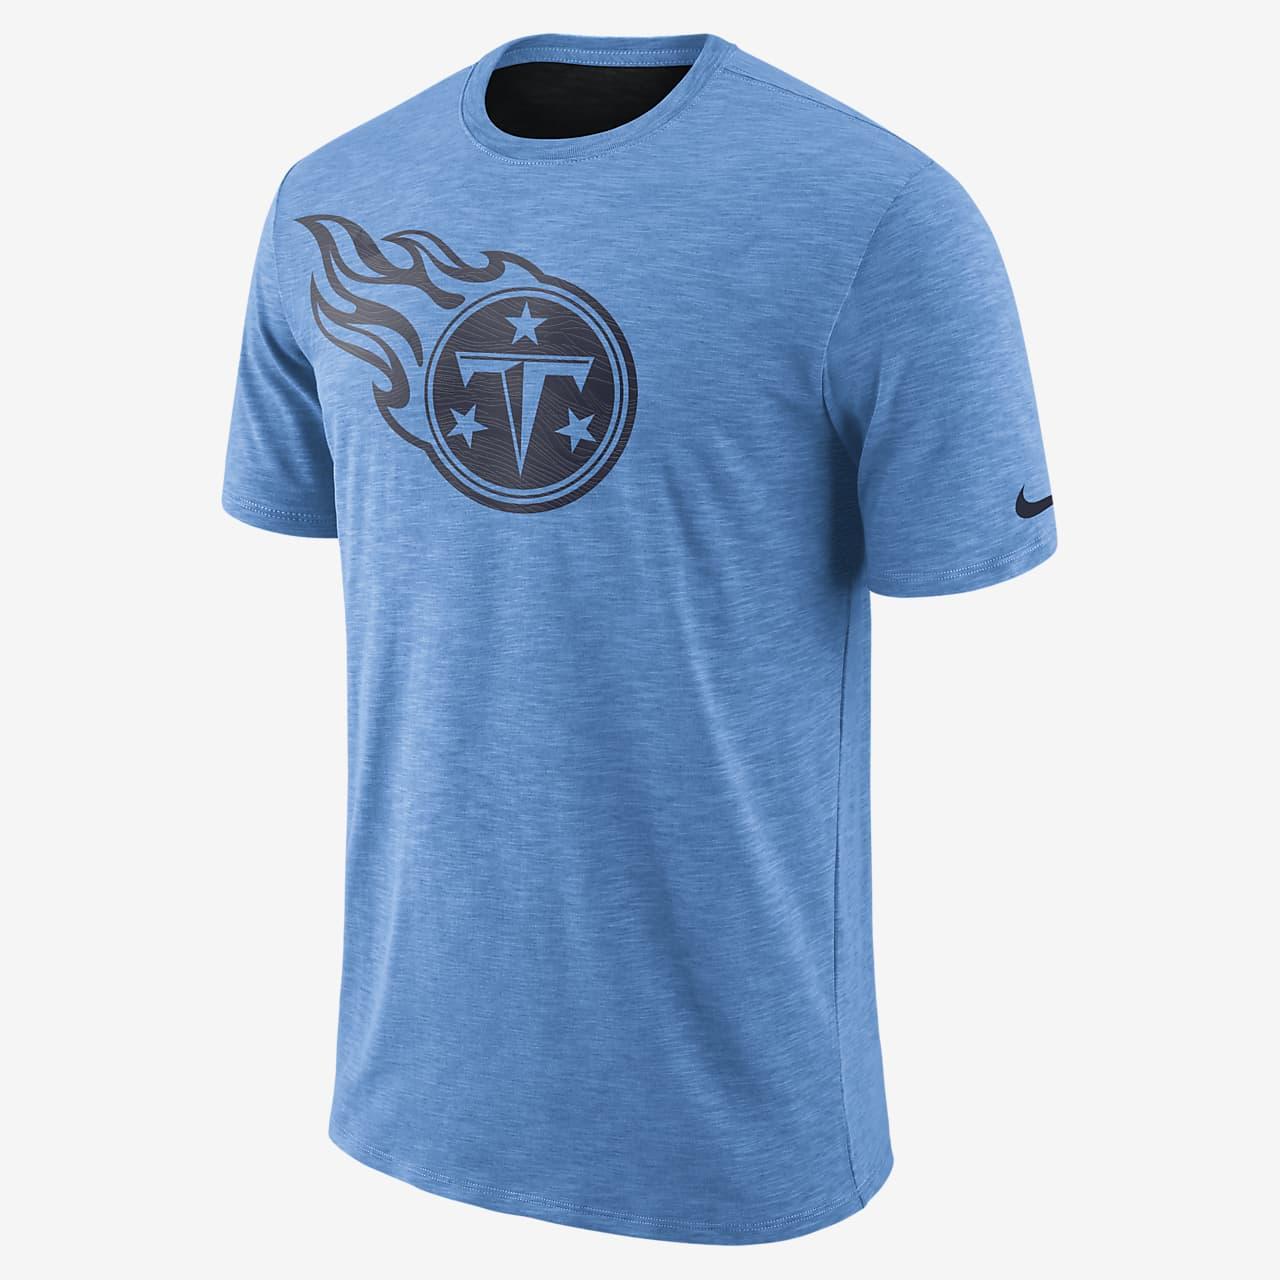 Tee-shirt Nike Dri-FIT Legend On-Field (NFL Titans) pour Homme